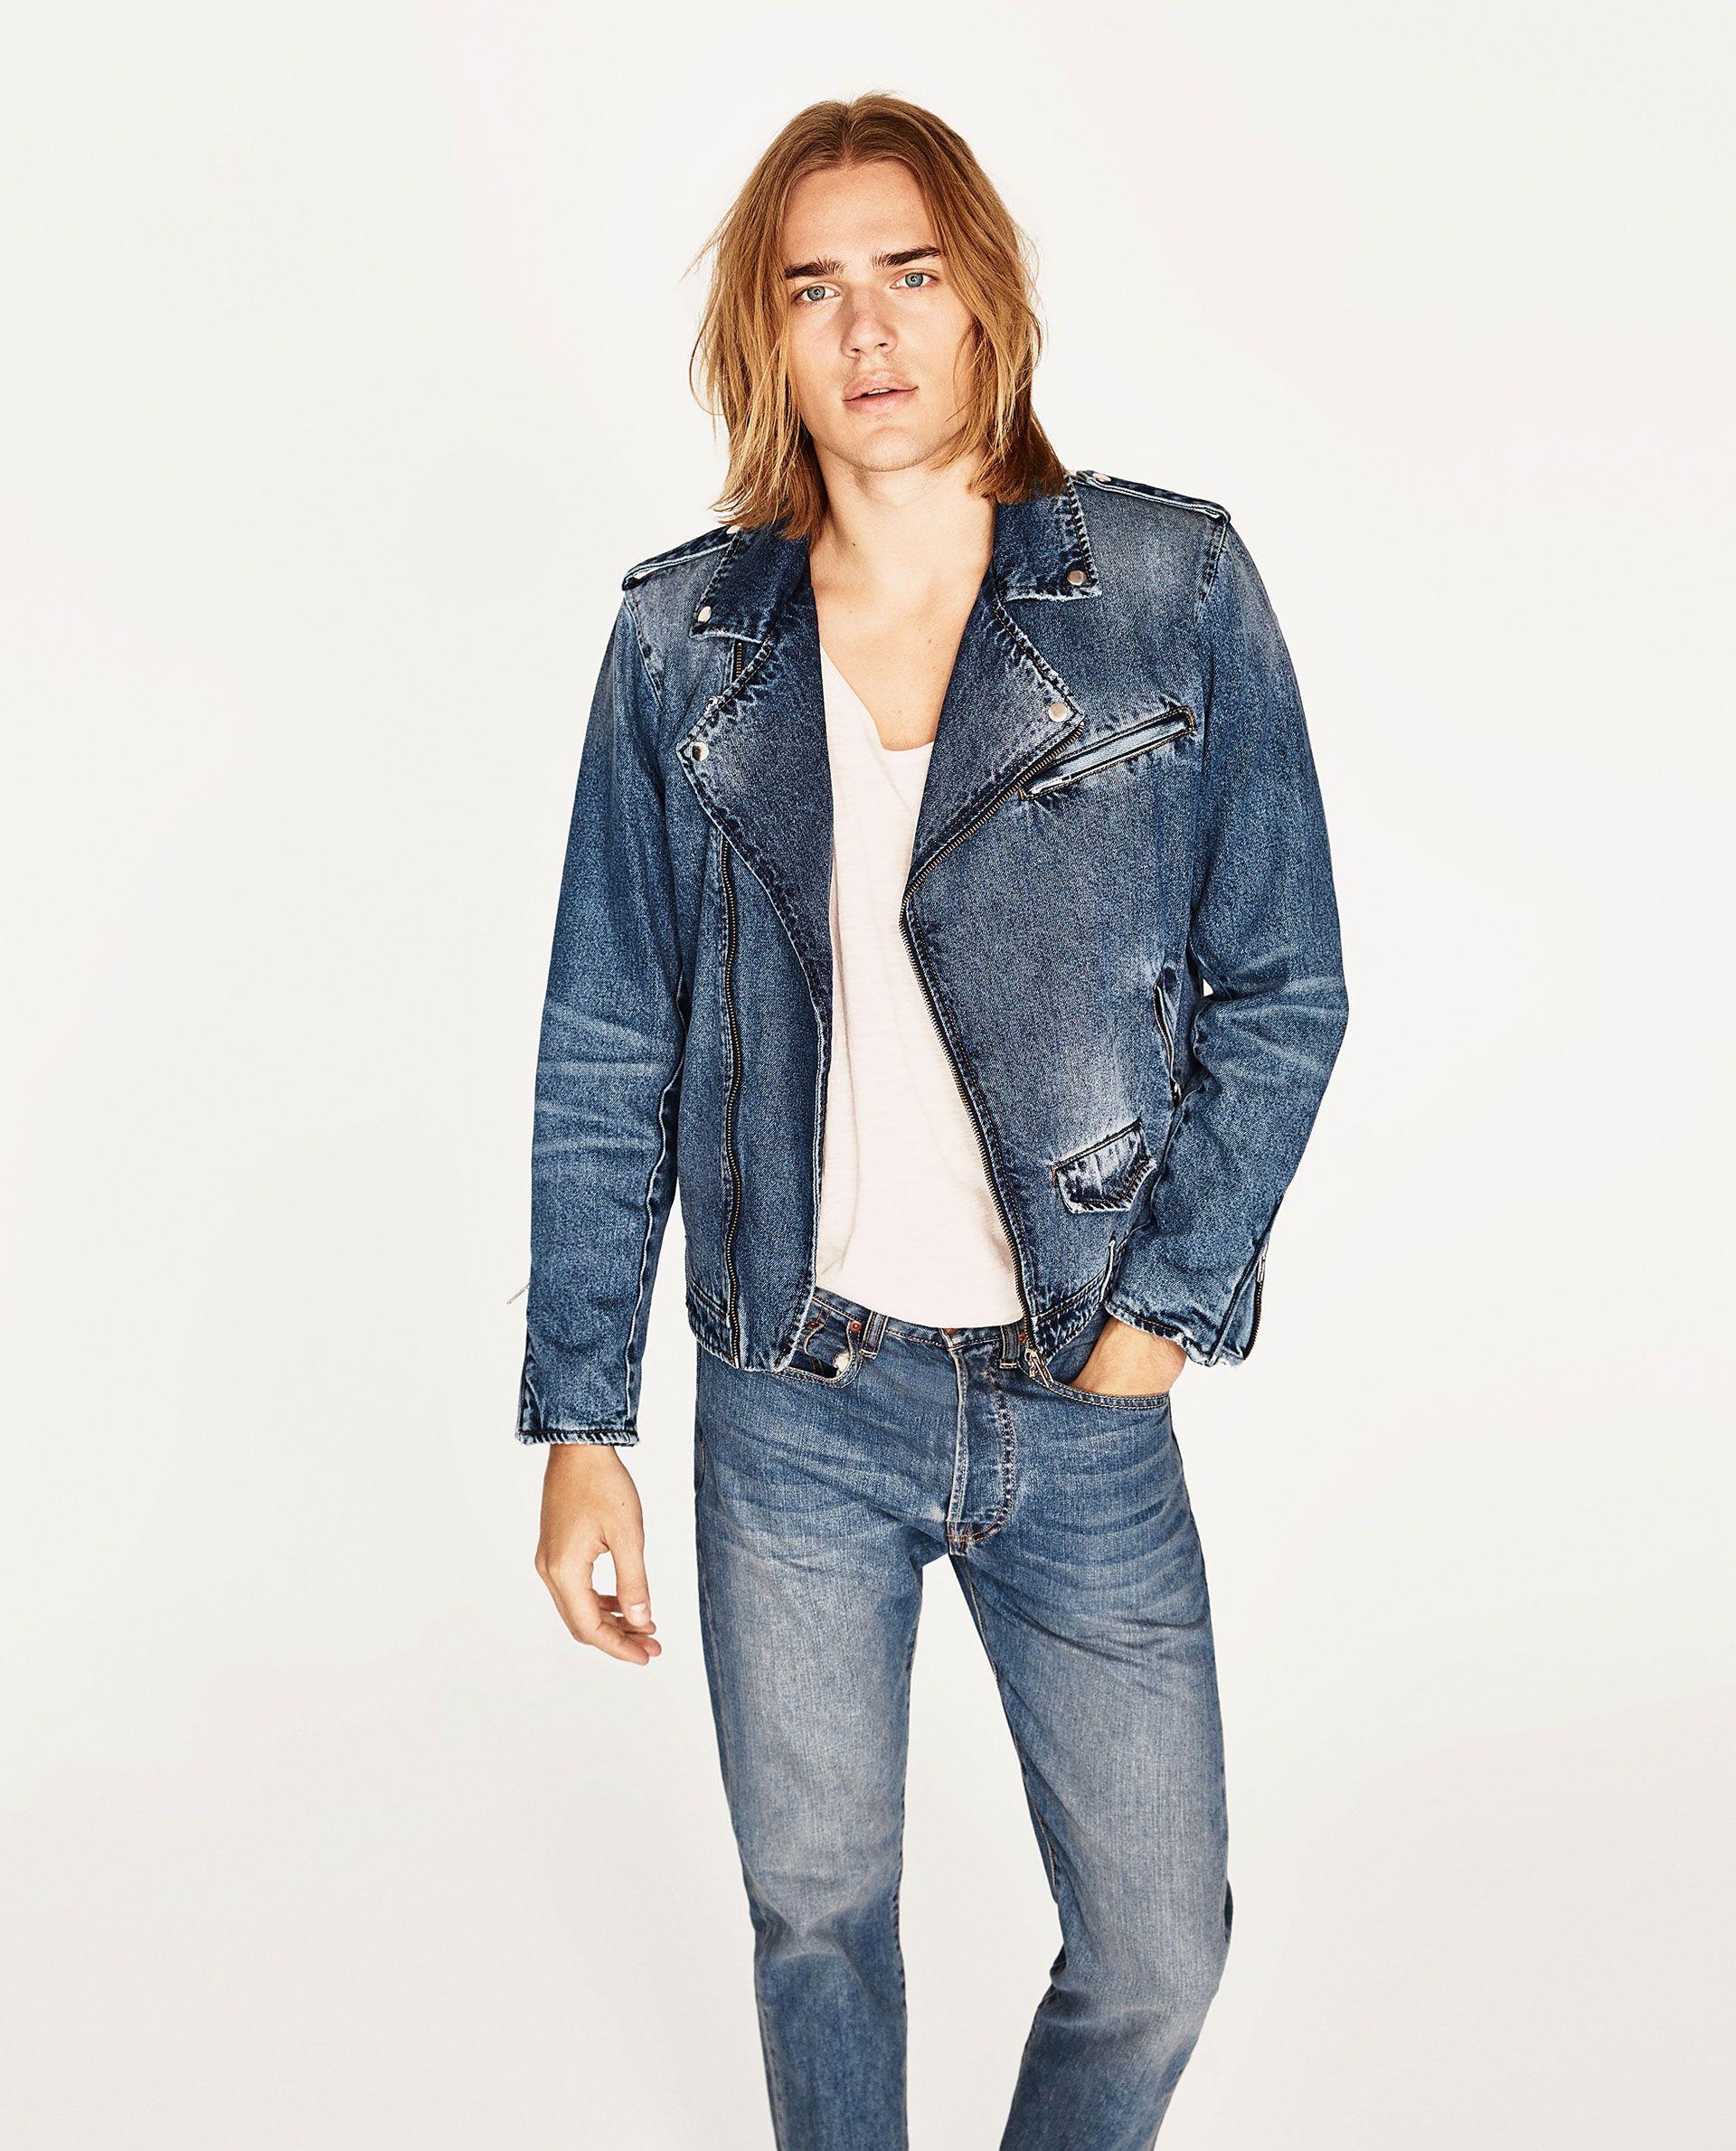 Jaqueta Perfecto Biker Jeans Denim Fashion Denim Biker Jacket Mens Street Style [ 2379 x 1920 Pixel ]